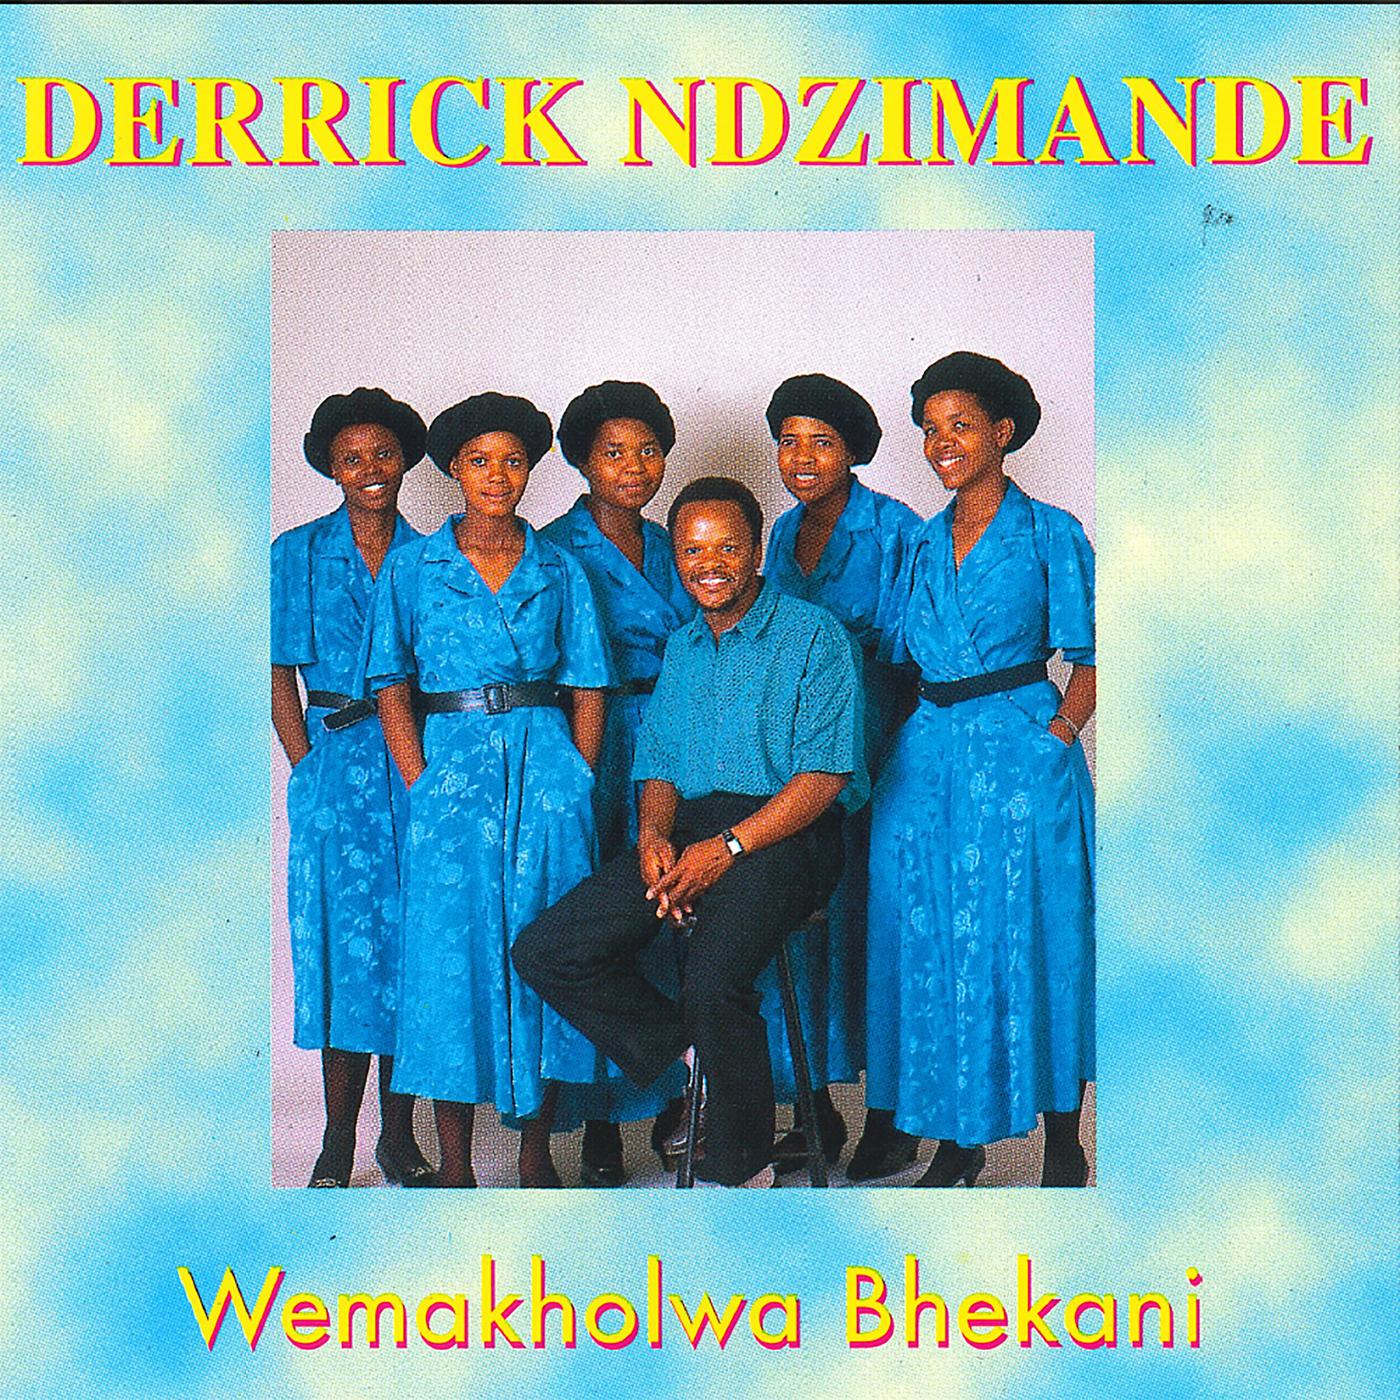 Wemakholwa Bhekani - Derrick Ndzimande